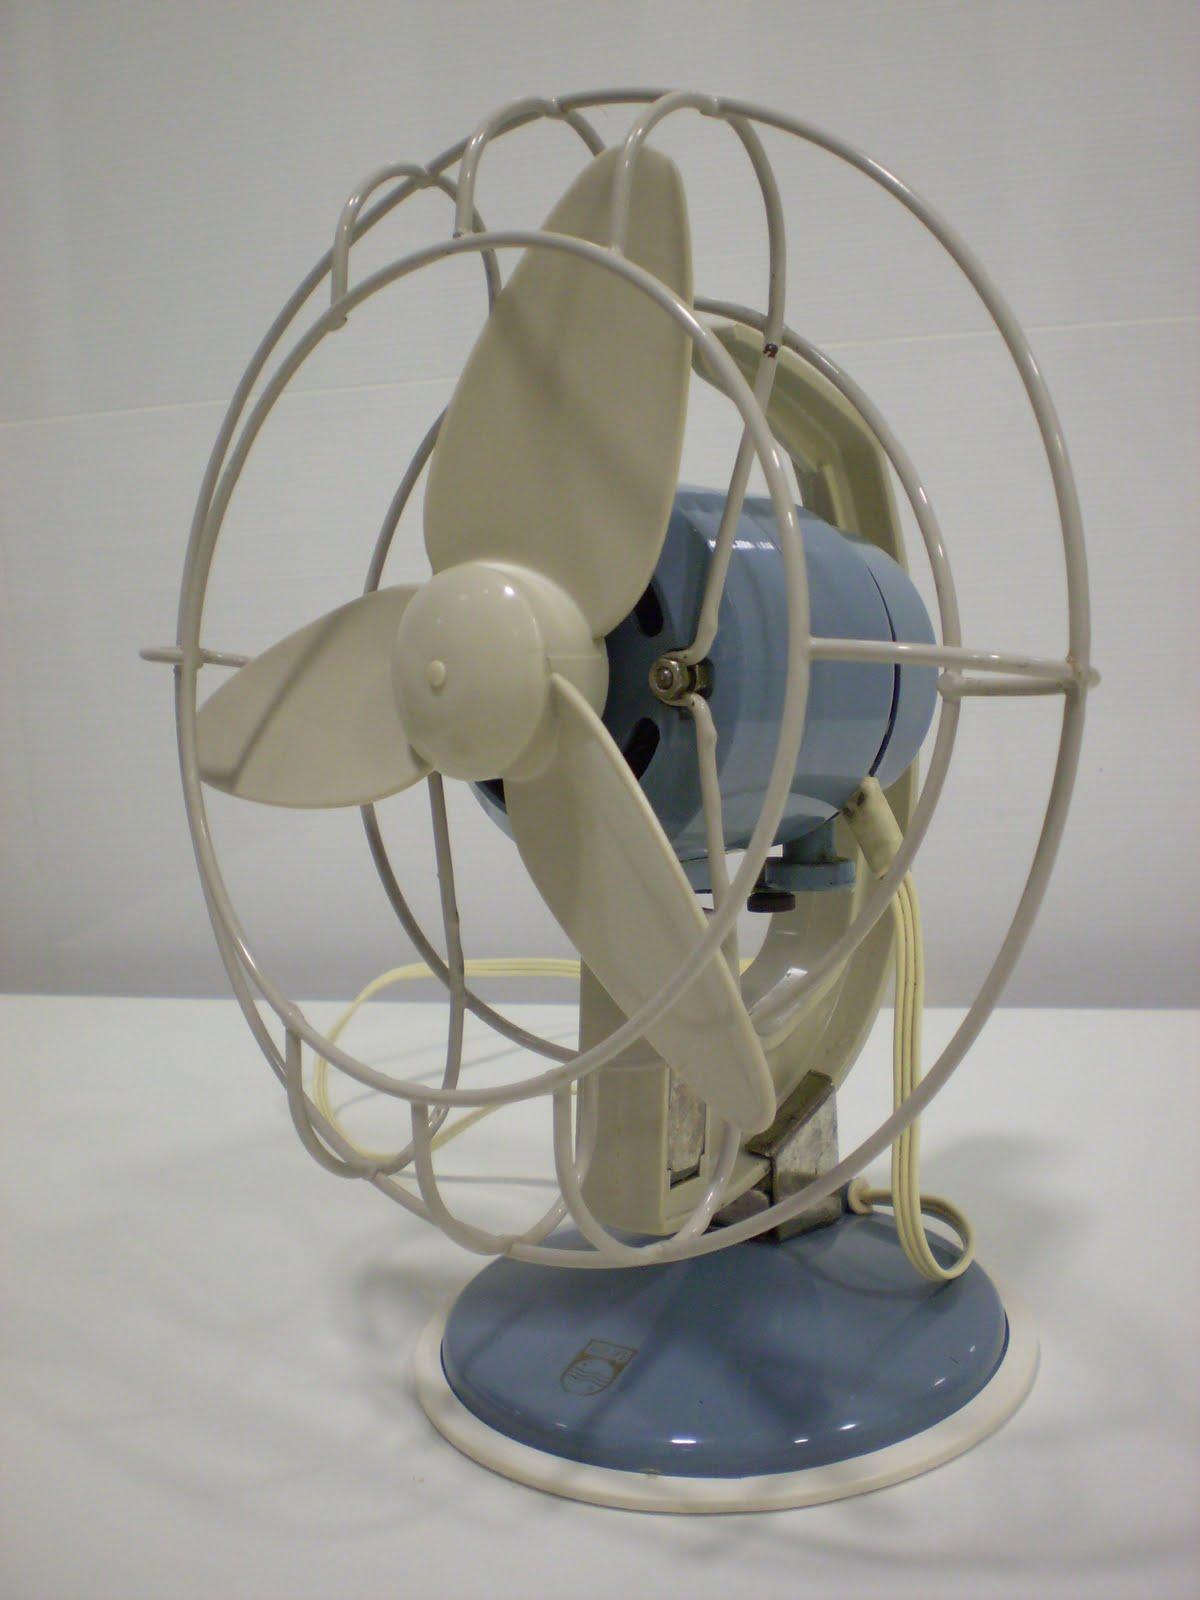 Vintager a ventilador philips azul y crema a os 50 - Fotos de ventiladores ...